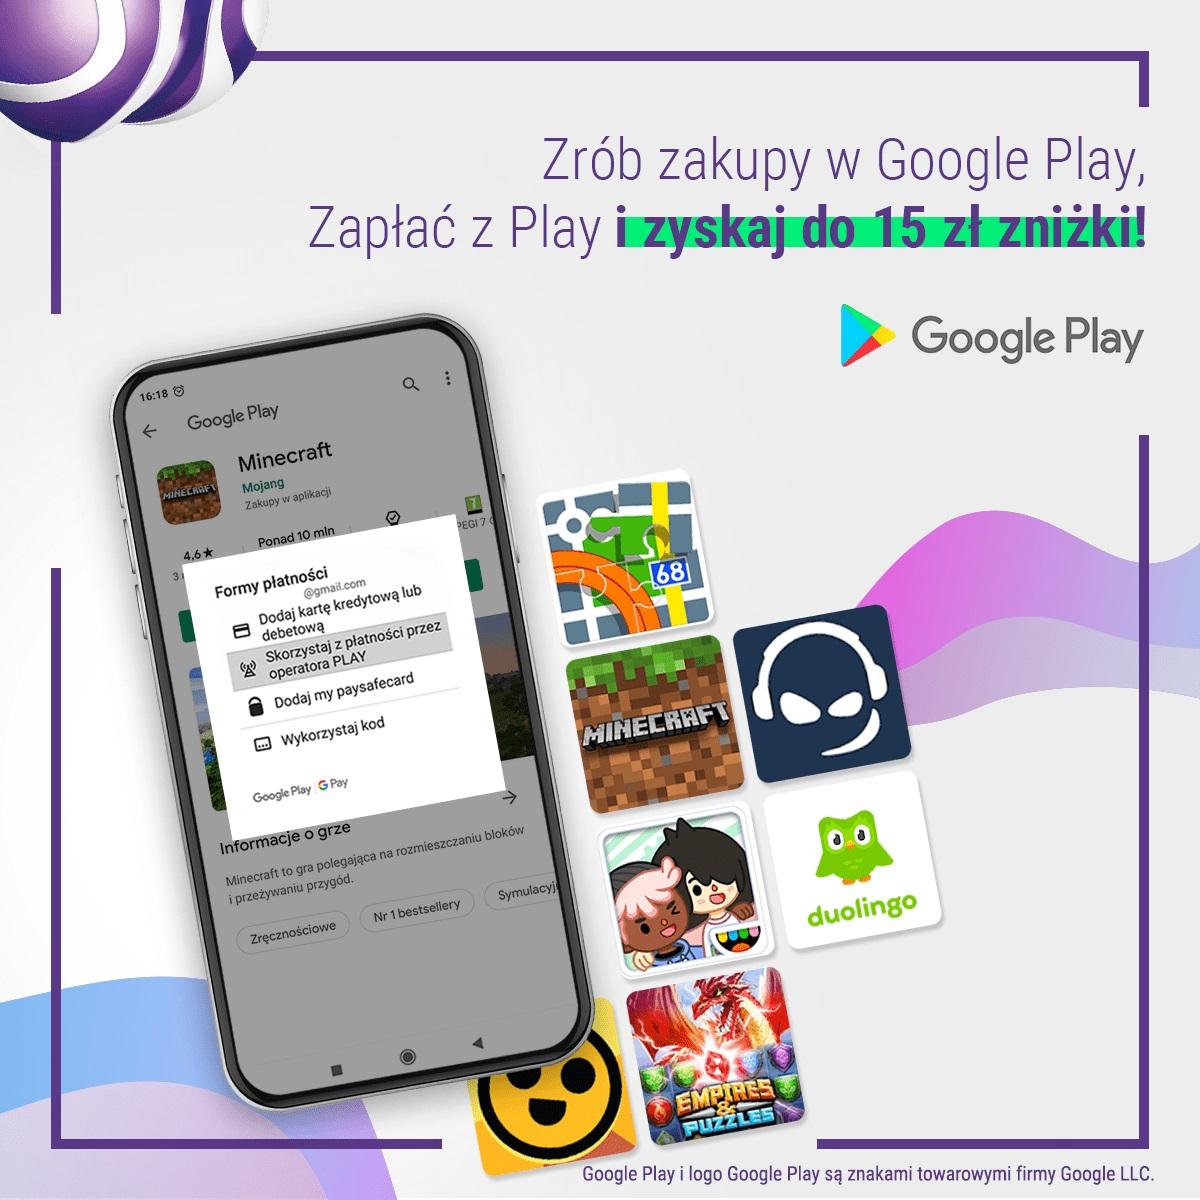 promocja Zapłać z Play Google Play